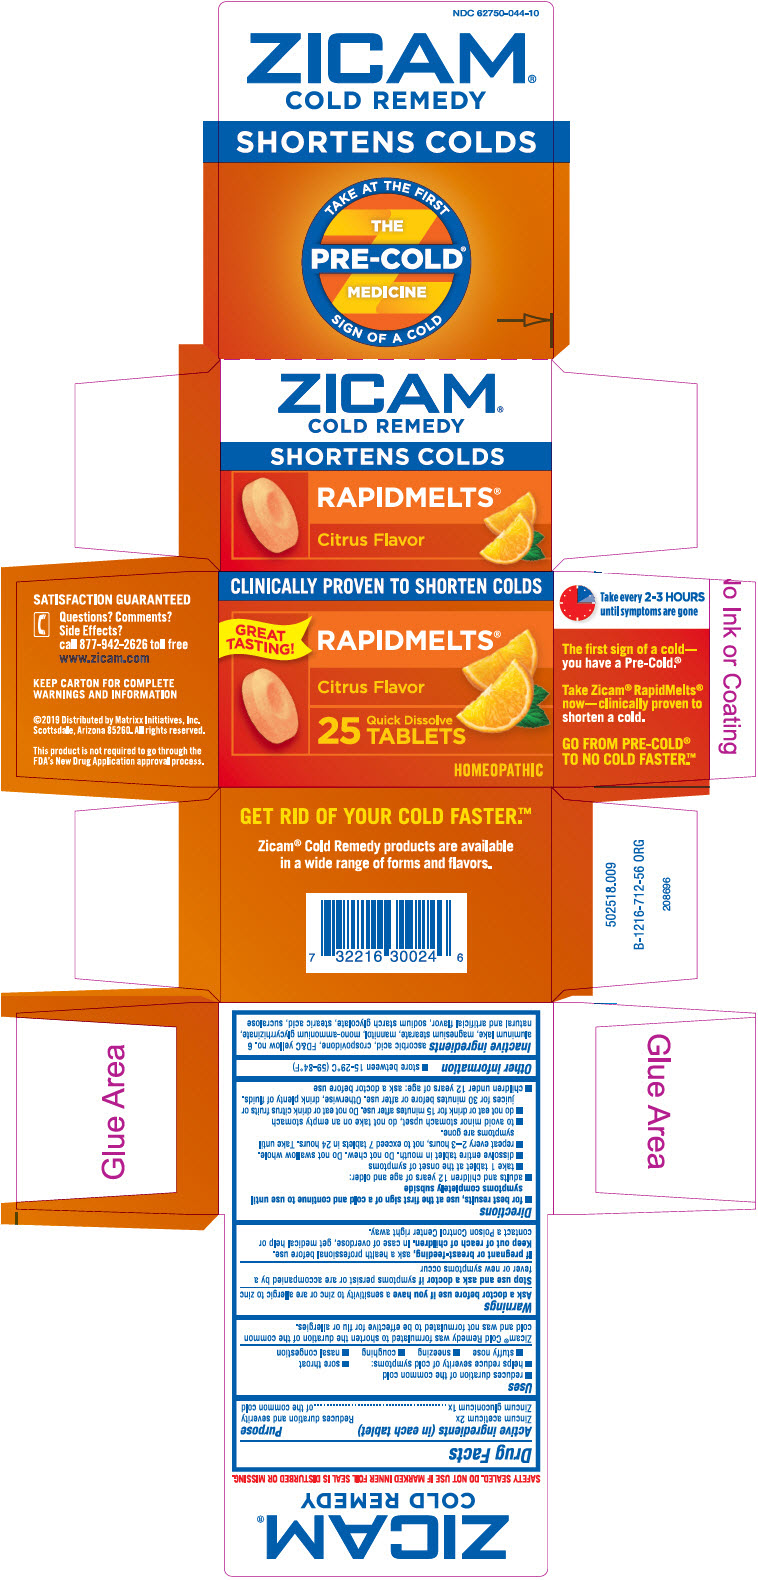 Zicam Cold Remedy Rapidmelts Citrus (Zinc Acetate Anhydrous And Zinc Gluconate) Tablet [Matrixx Initiatives, Inc.]